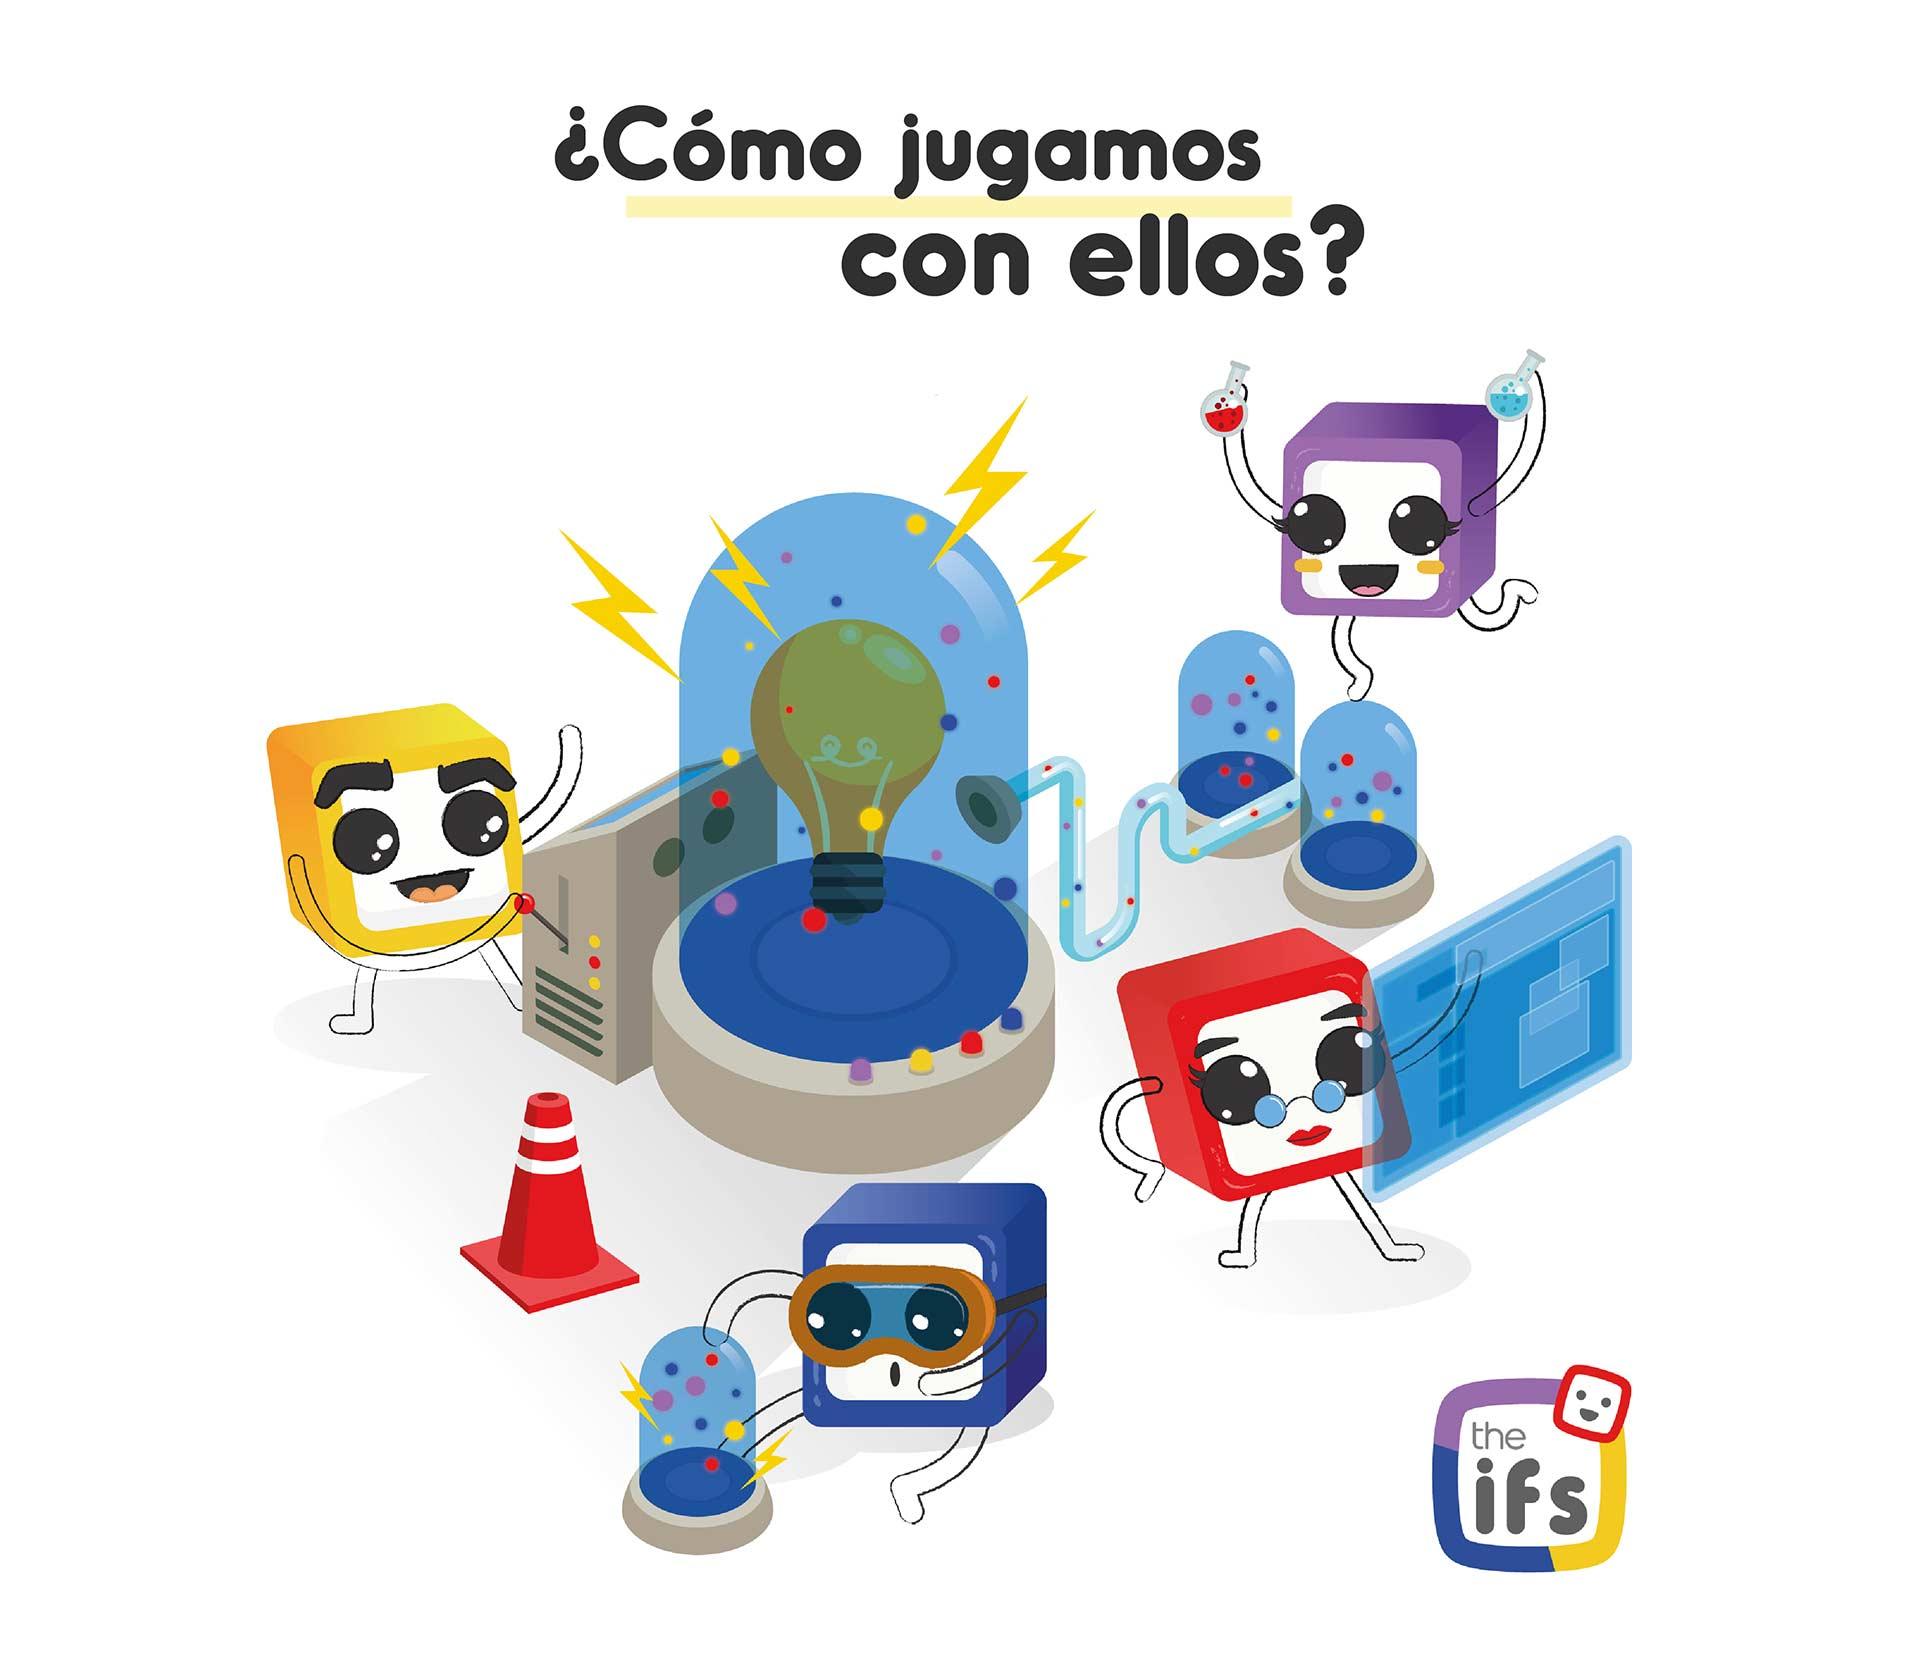 The Ifs juguetes tecnologicos para niños jessica sanmiguel diseño zaragoza-10